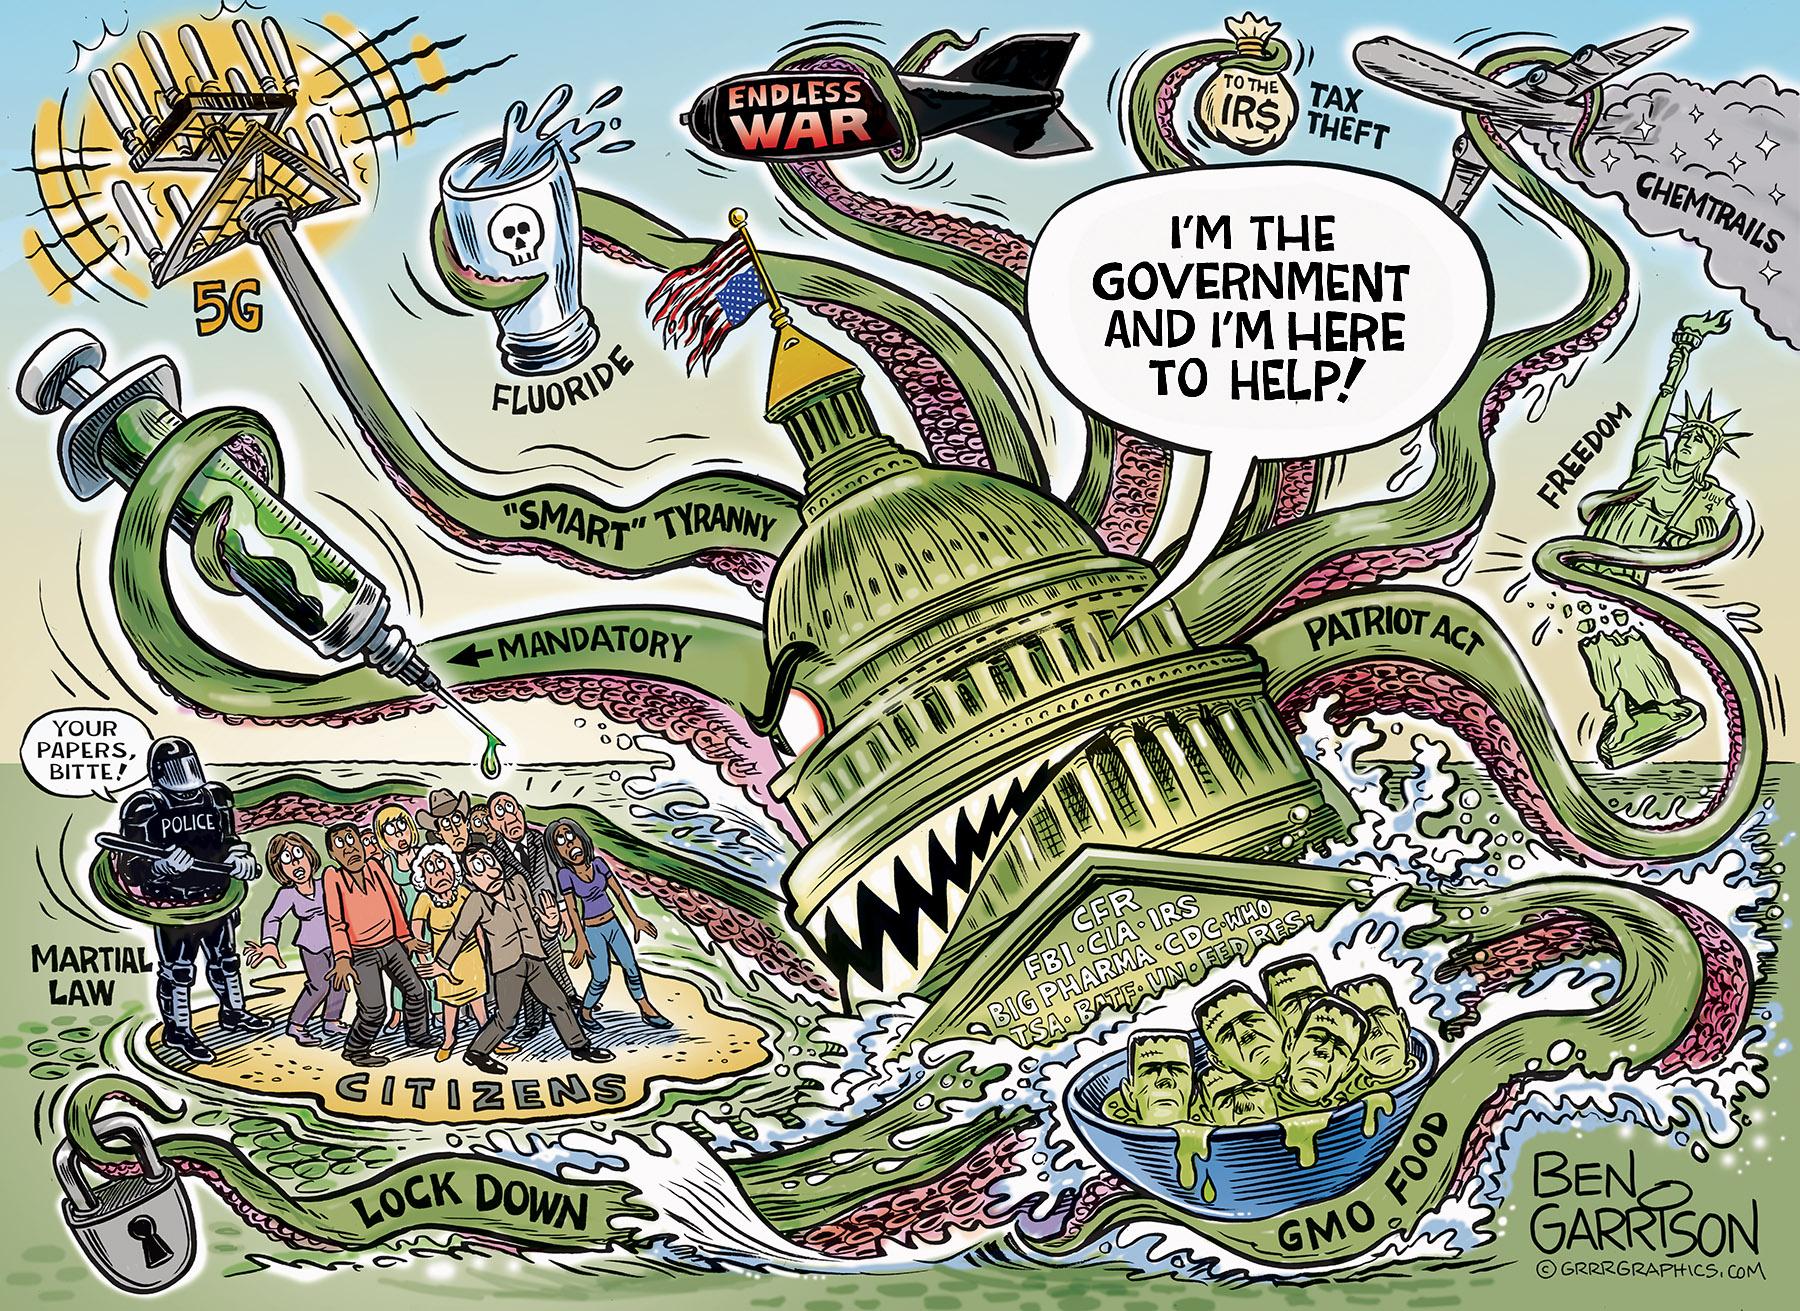 https://cdn.discordapp.com/attachments/627030086964740096/781672346225737789/beware-the-deep-state-in-a-crisis-ben-garrison-cartoon.jpg